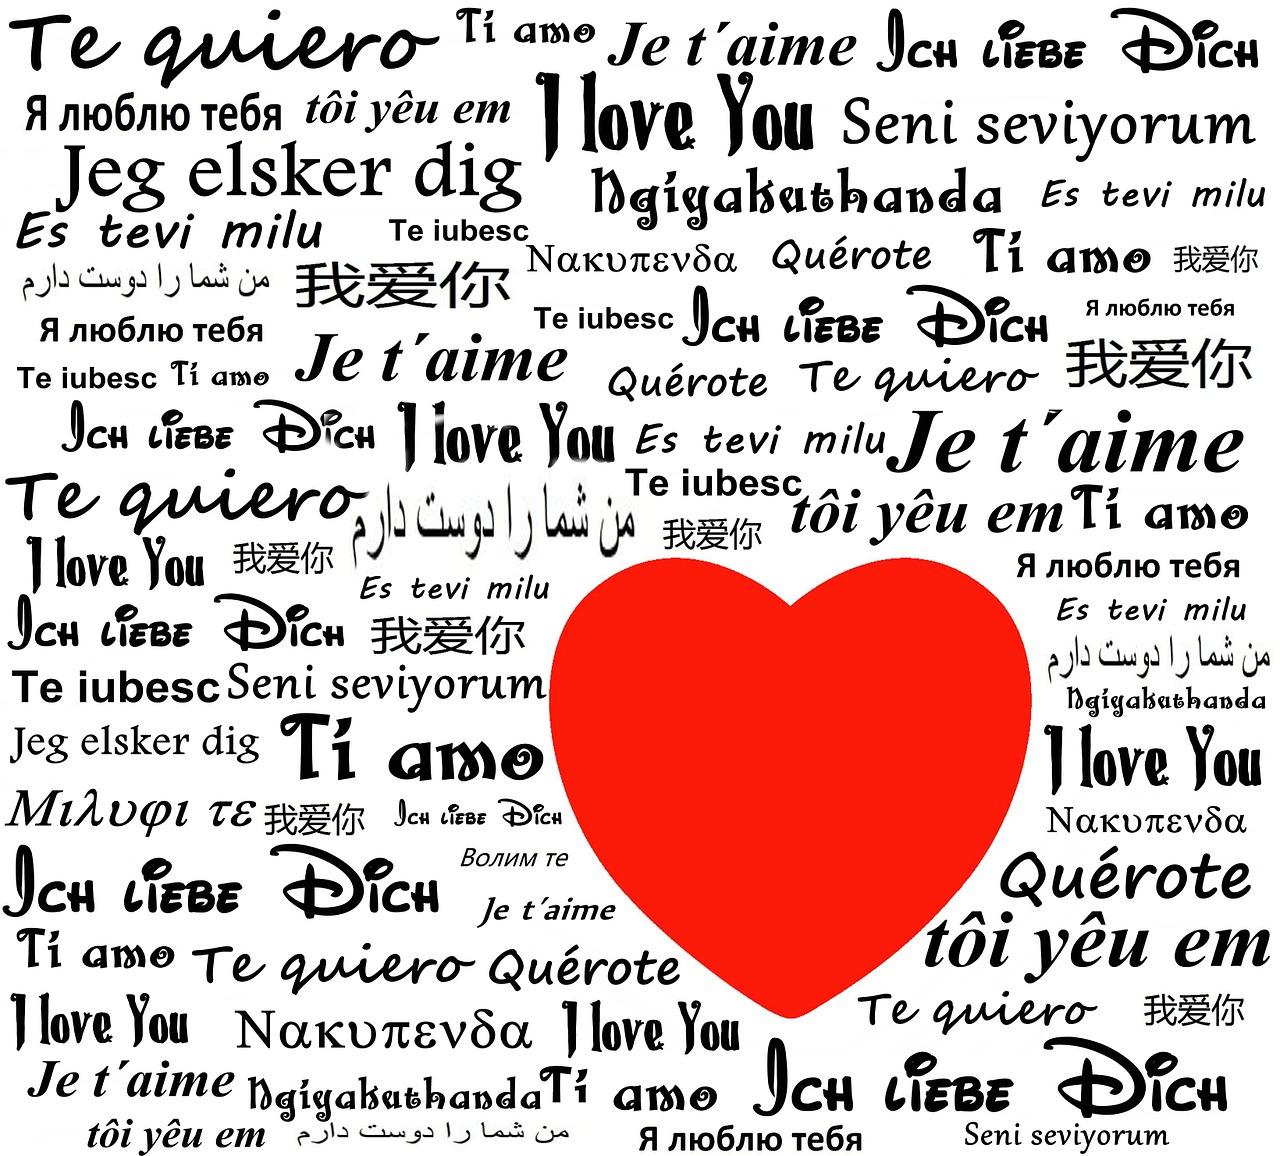 Картиник со словами на разных языках